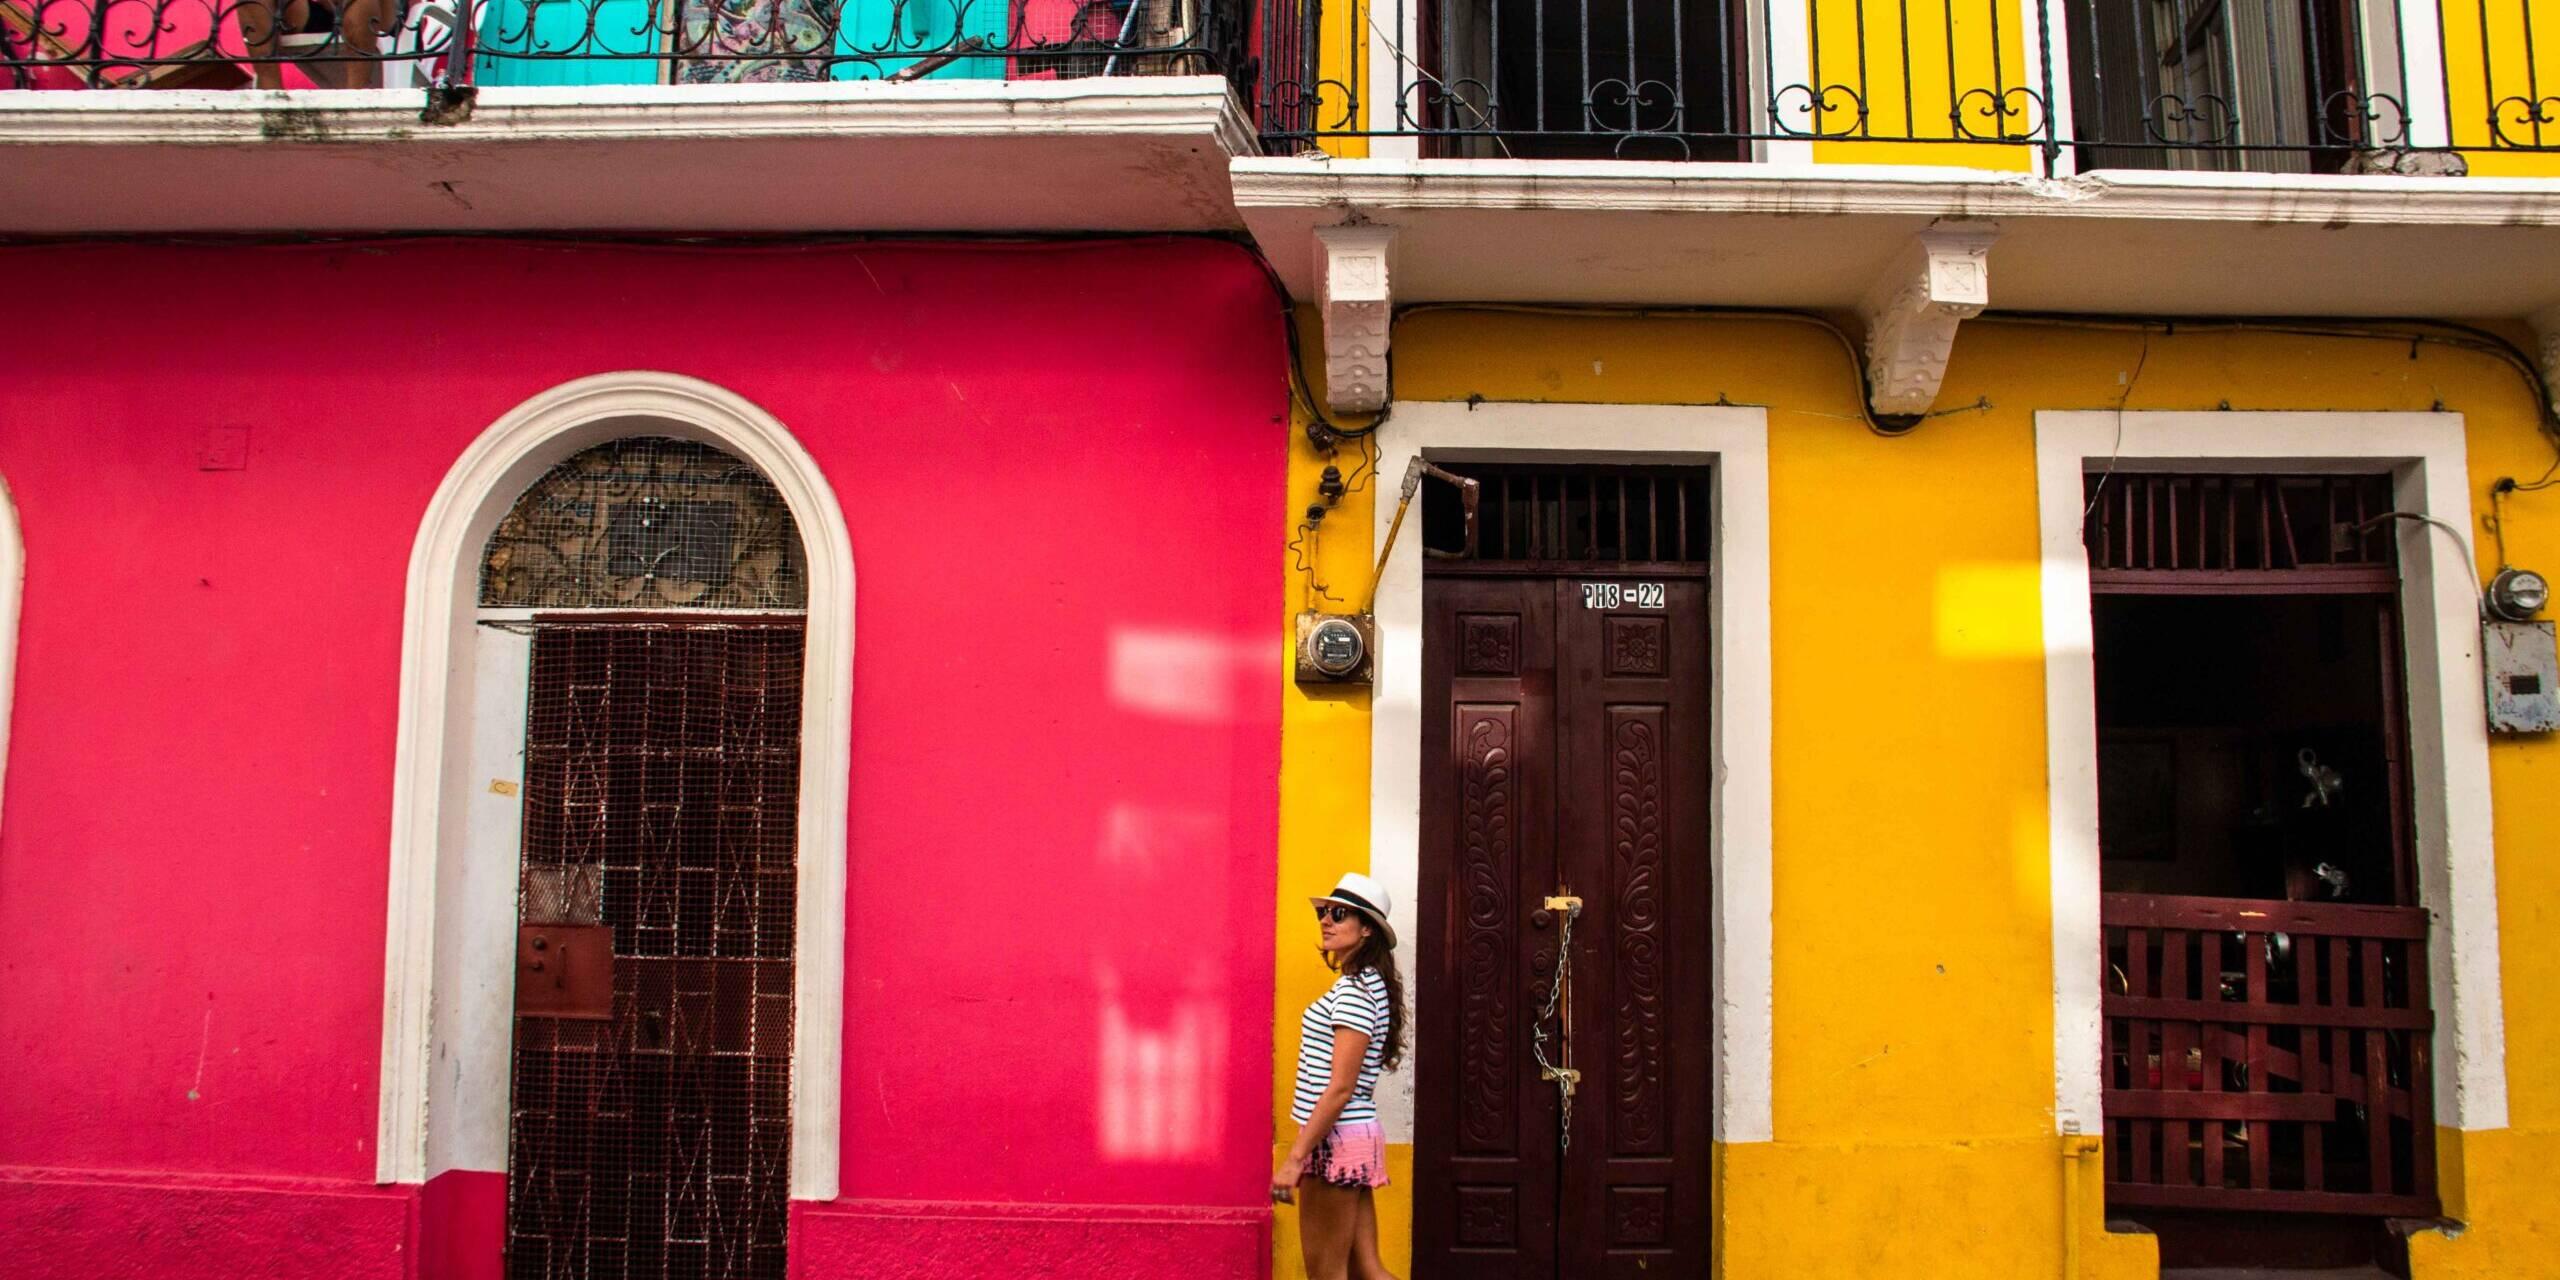 Girl in Casco Viejo Panama City